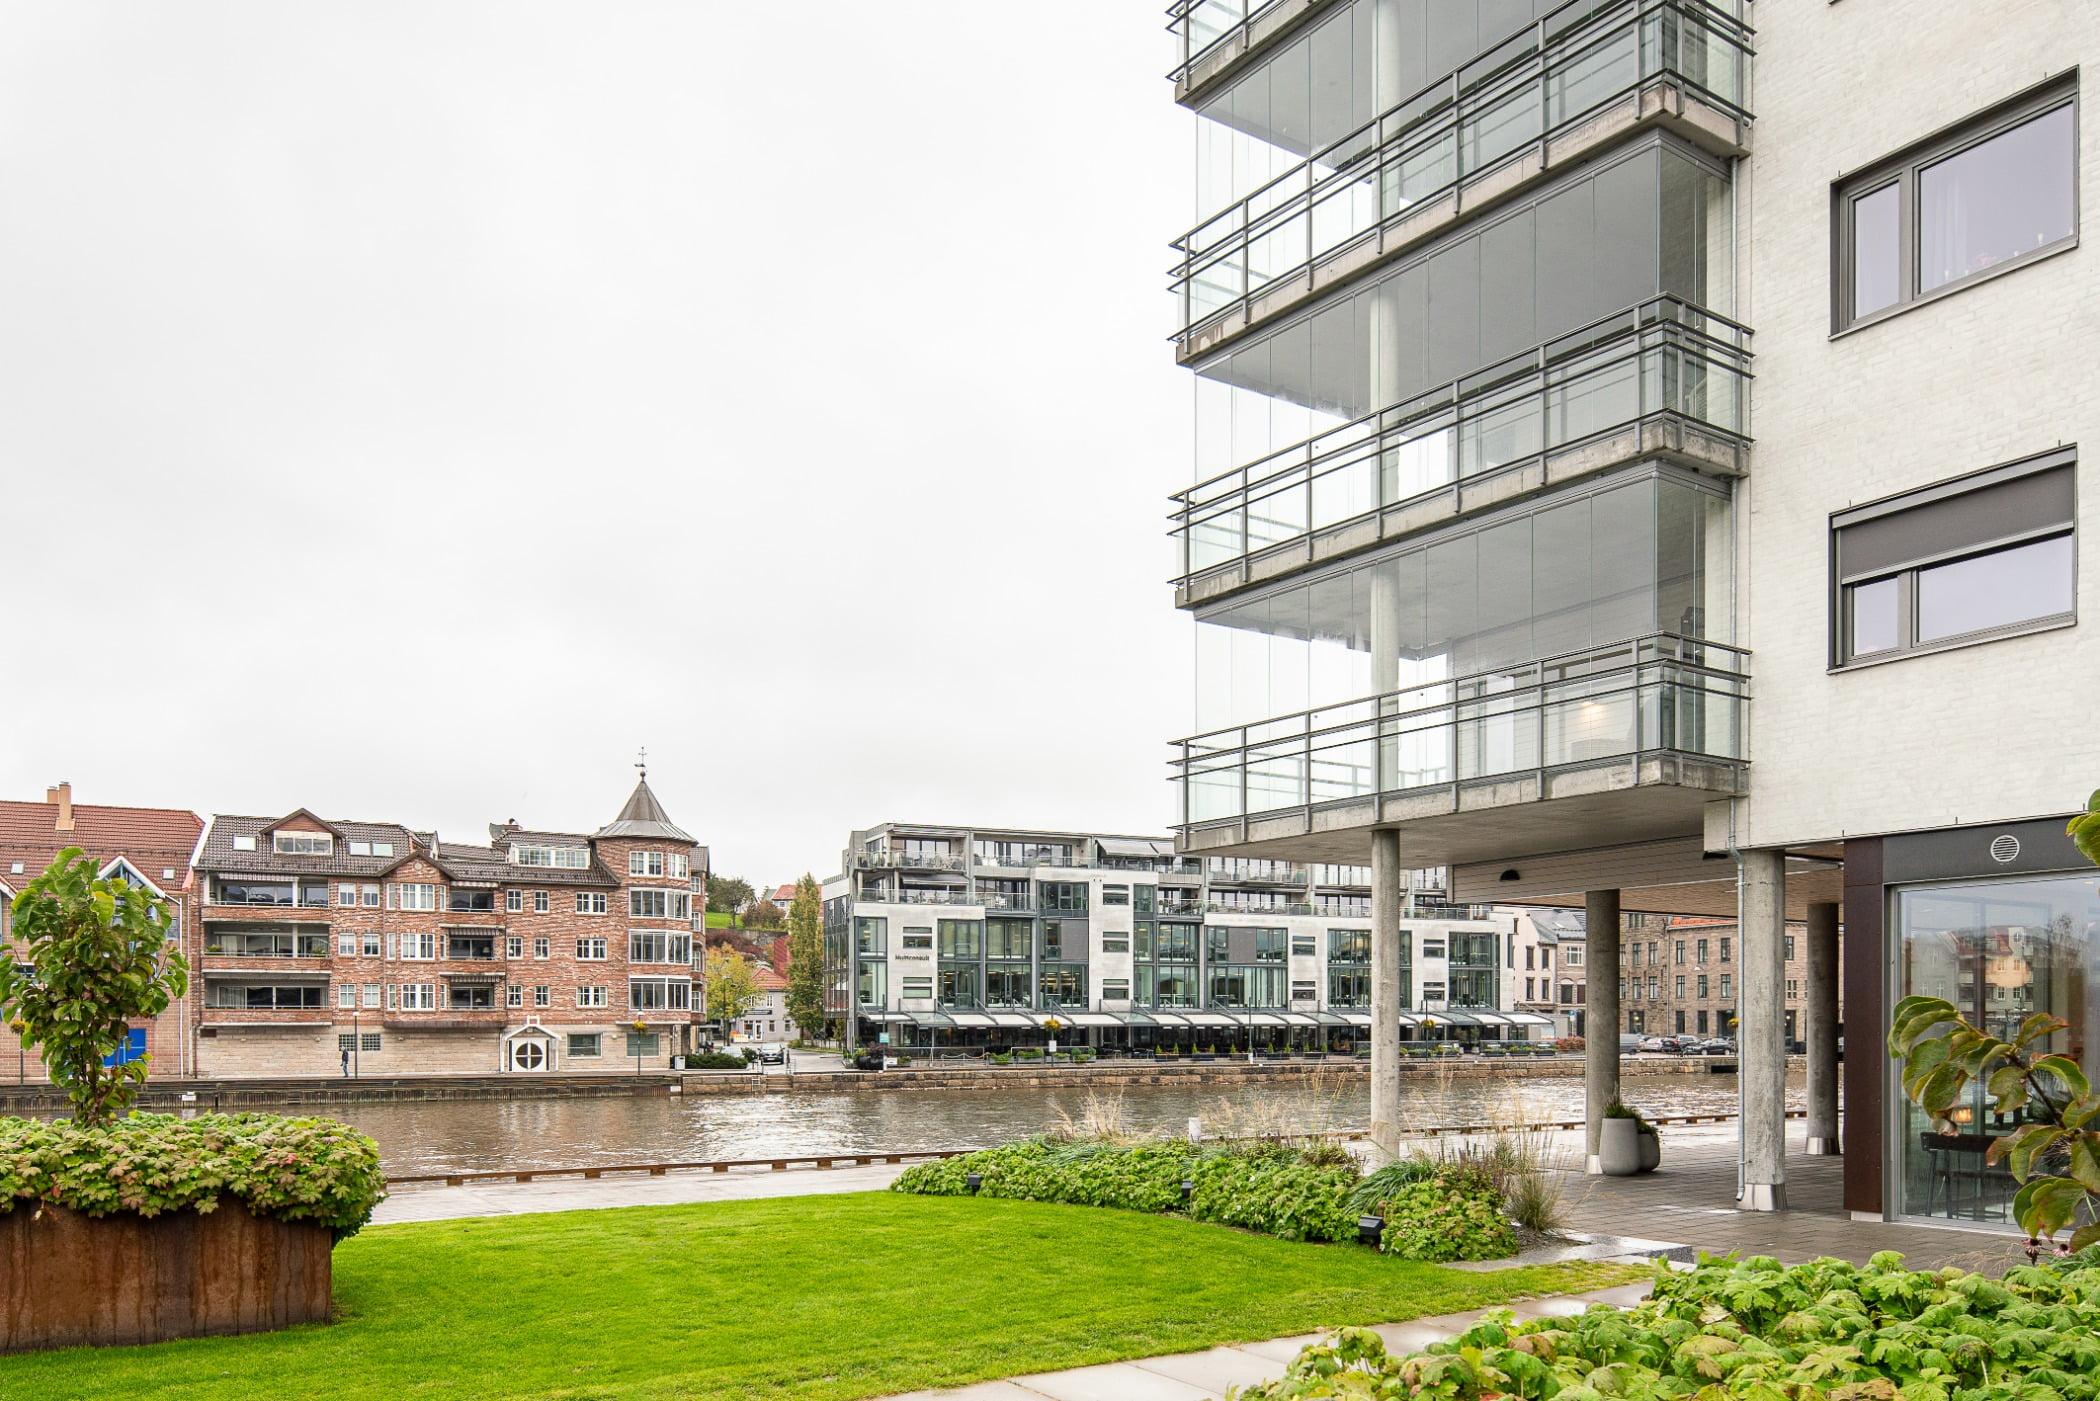 Urban design, Residential area, Plant, Sky, Building, Architecture, Condominium, Grass